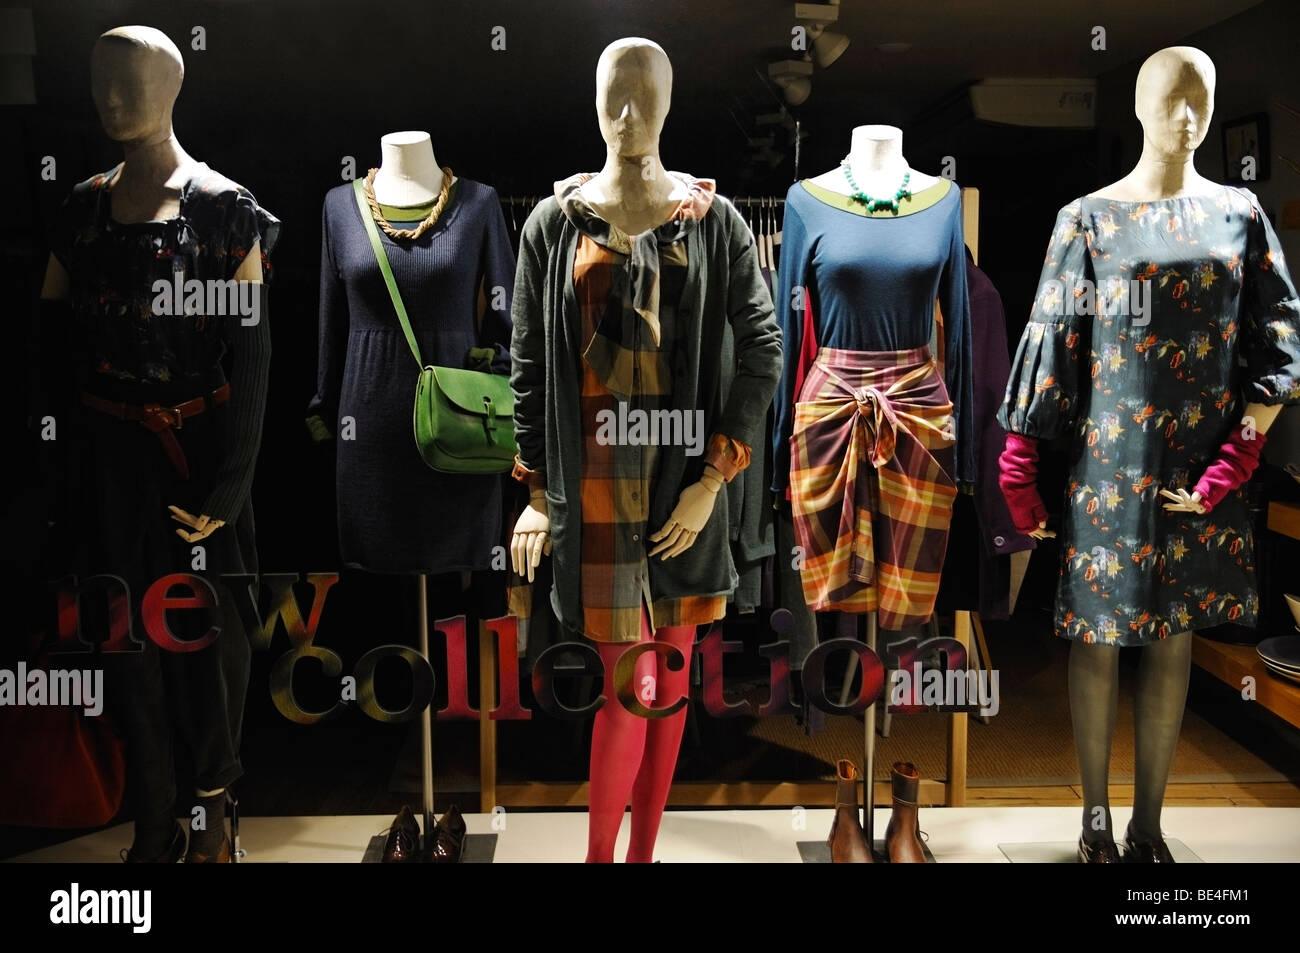 Manikins in a Shop Window. - Stock Image